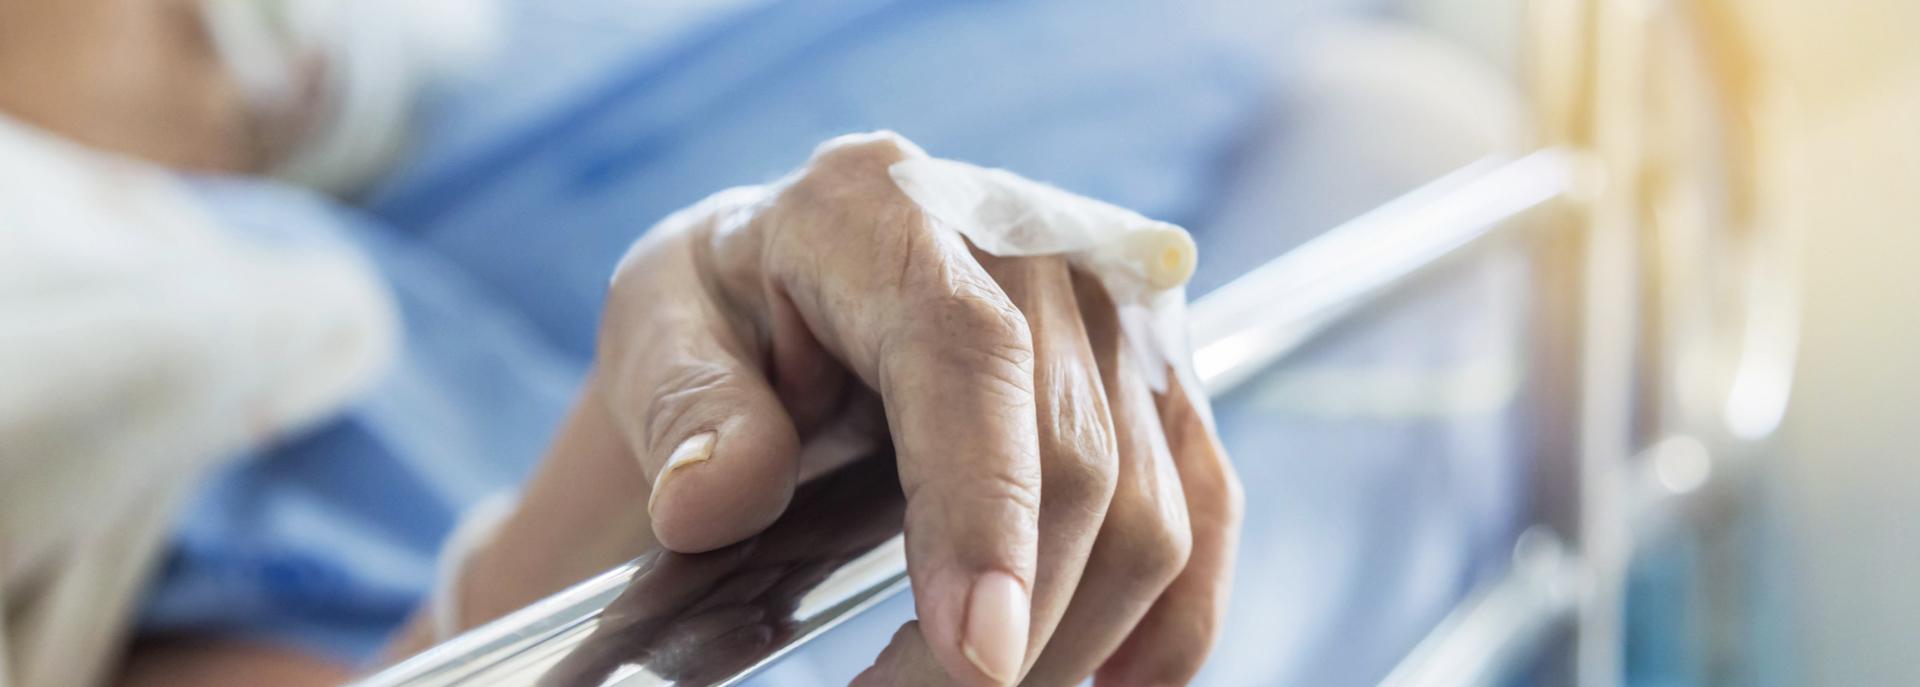 La storia di un paziente: l'esperienza Covid all'Ospedale Sacra Famiglia di Erba